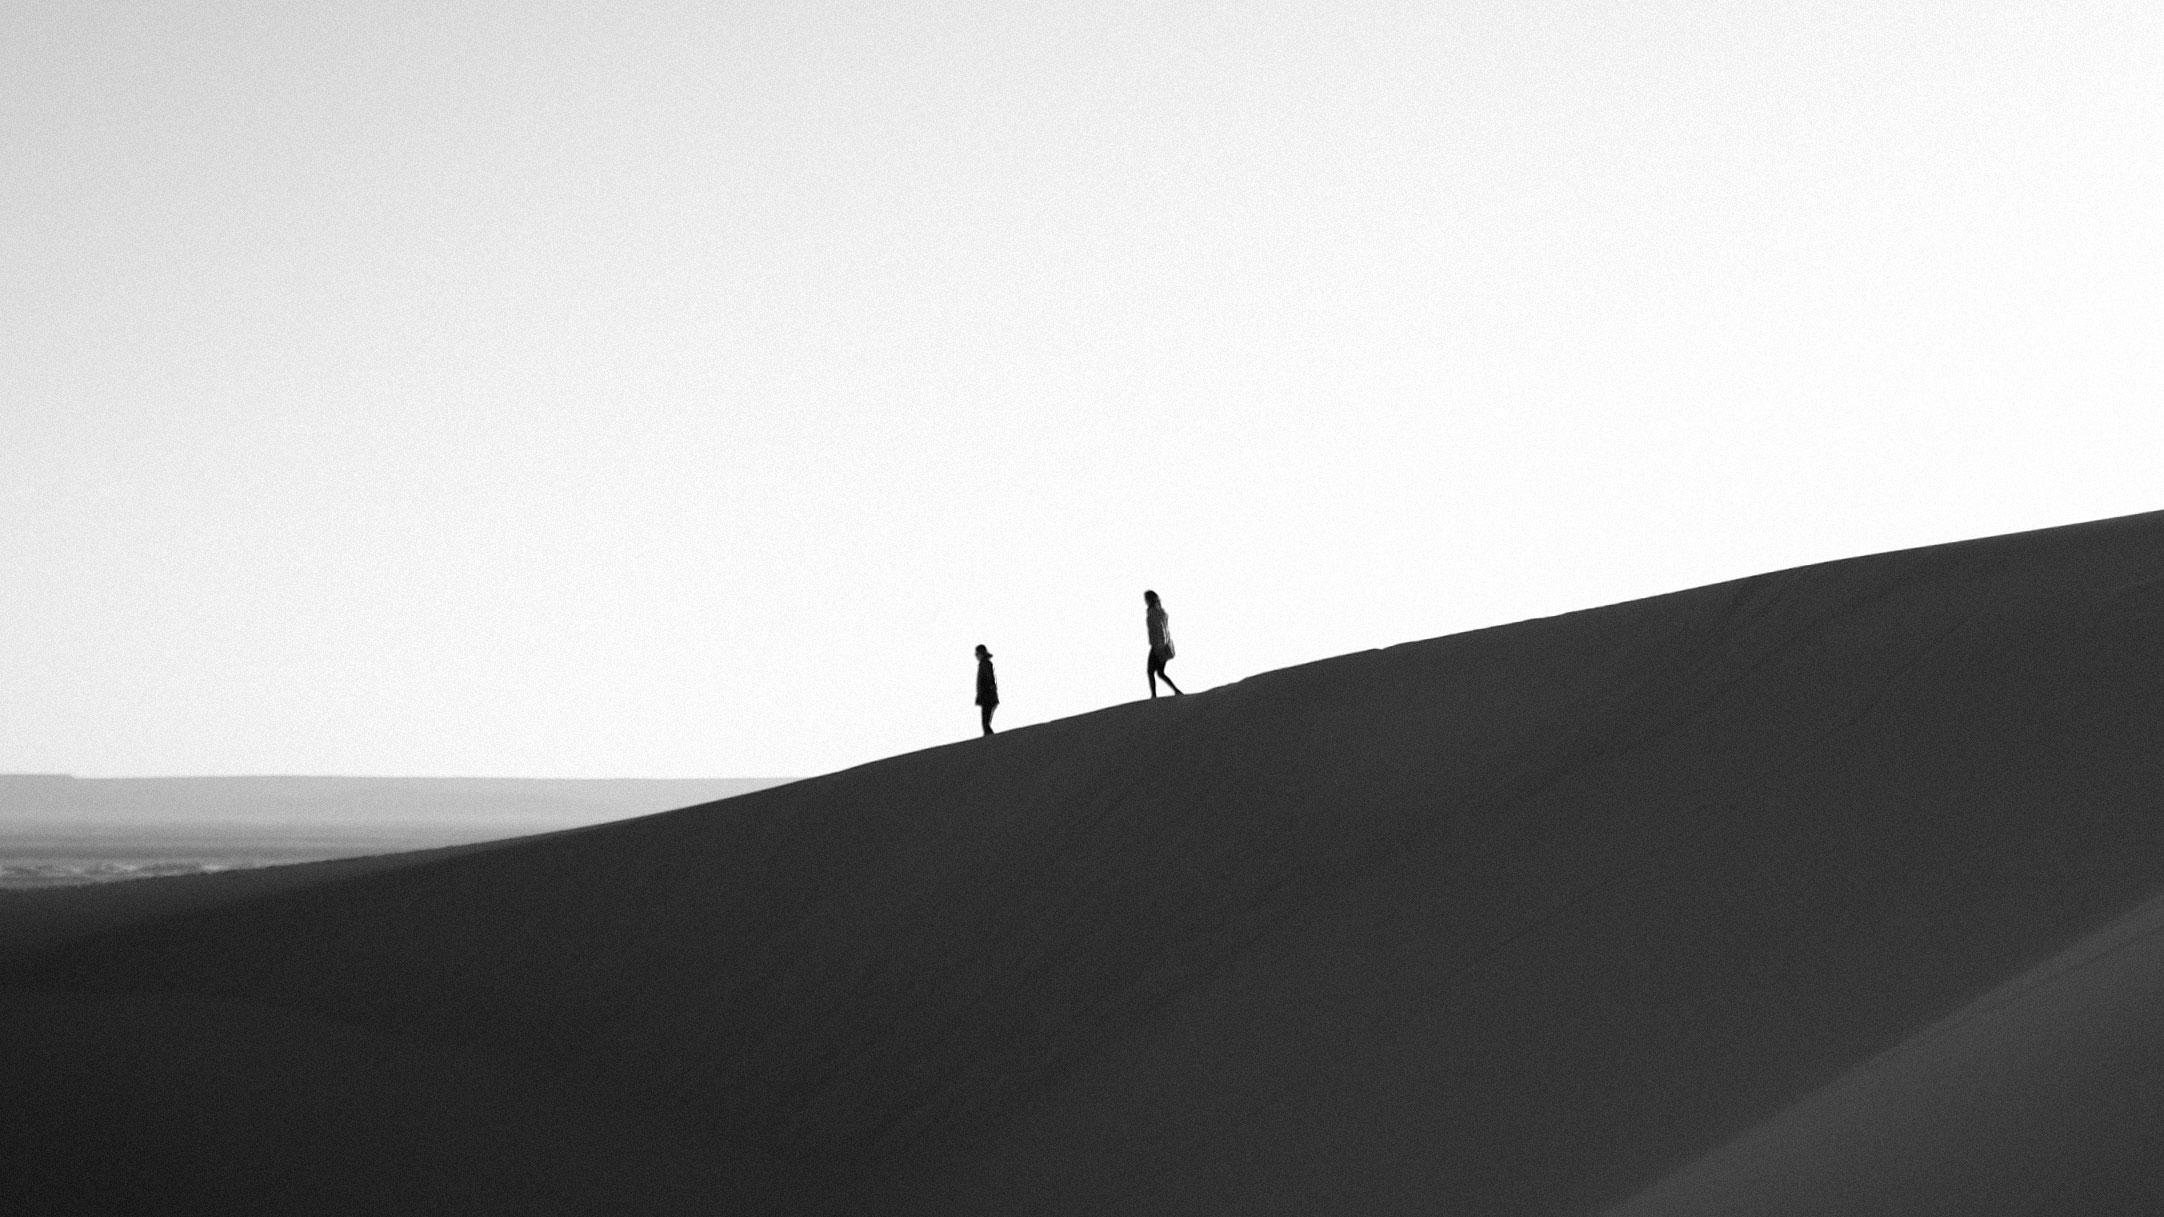 Jeremy Kai / Unsplash